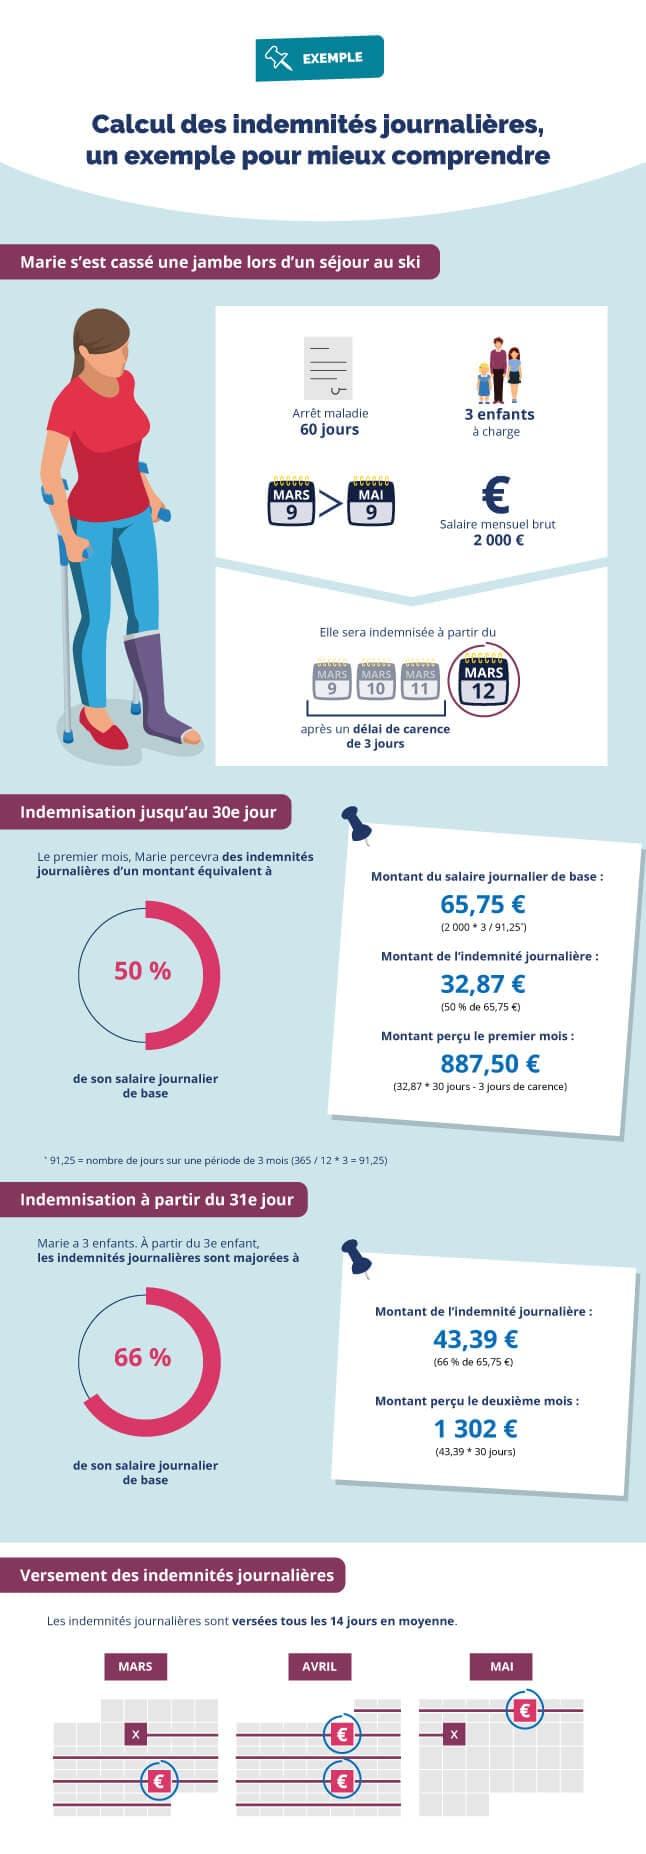 Infographie d'un exemple du calcul d'indemnités journalières d'une salariée en cas d'arrêt de travail (cf. description détaillée ci-après)